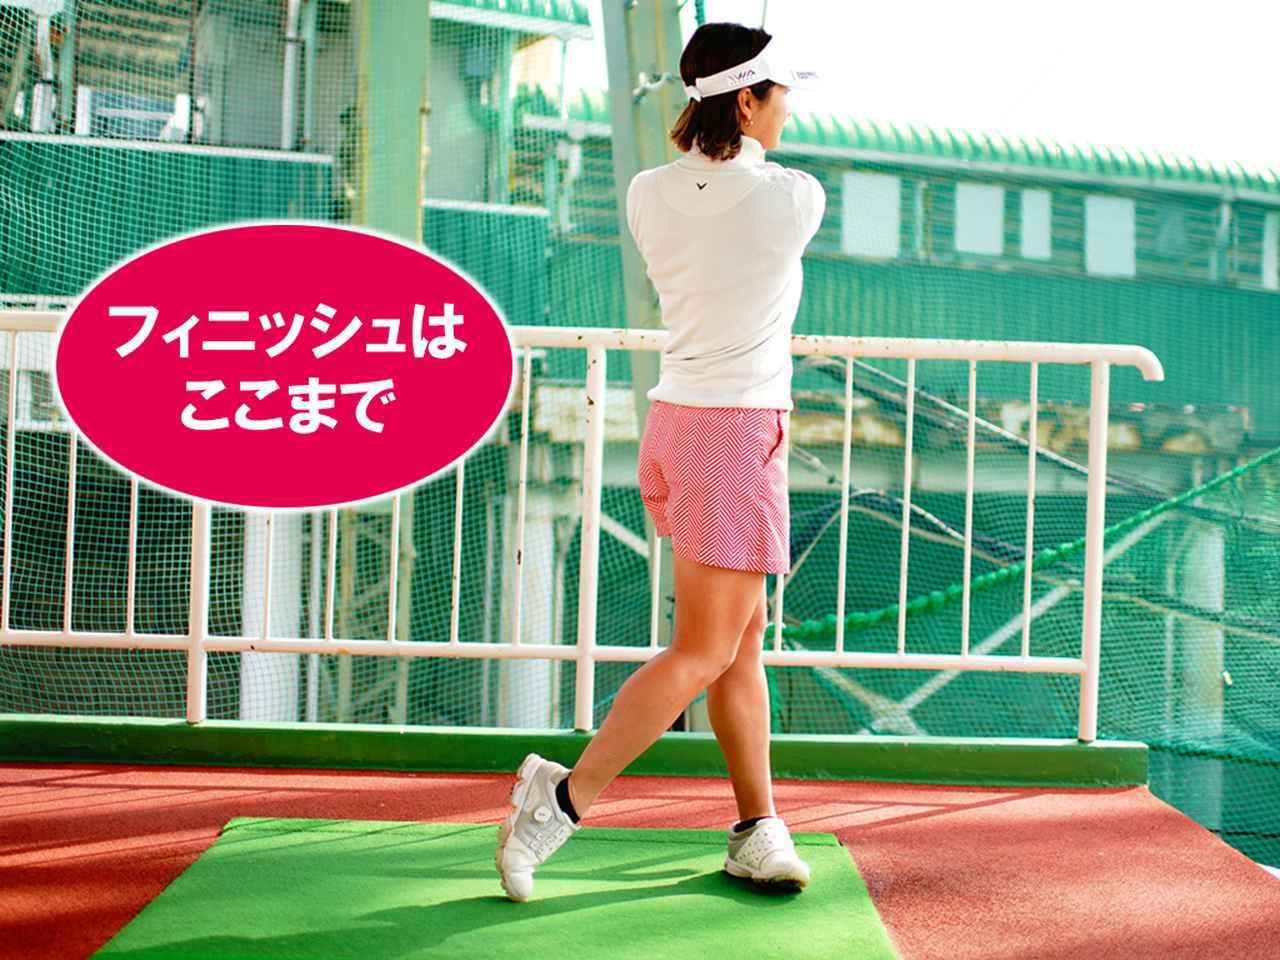 画像6: 【スウィング研究】アマチュアにやってほしいシャフト寝かせ②。井上梨花プロのシャフトを寝かせるスウィングで安定感アップ!